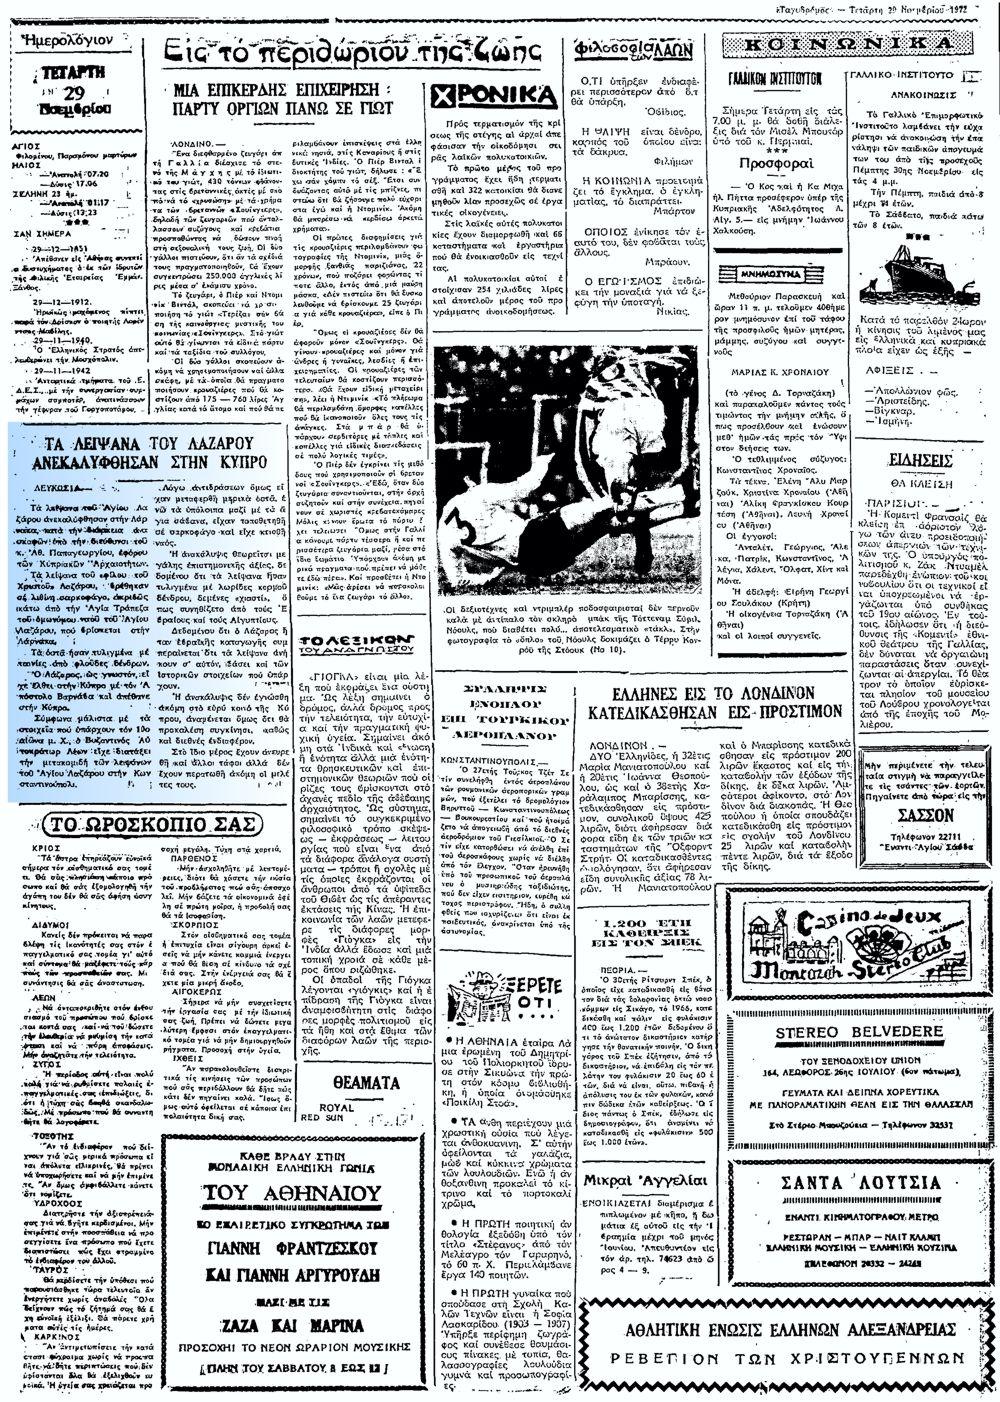 """Το άρθρο, όπως δημοσιεύθηκε στην εφημερίδα """"ΤΑΧΥΔΡΟΜΟΣ"""", στις 29/11/1972"""